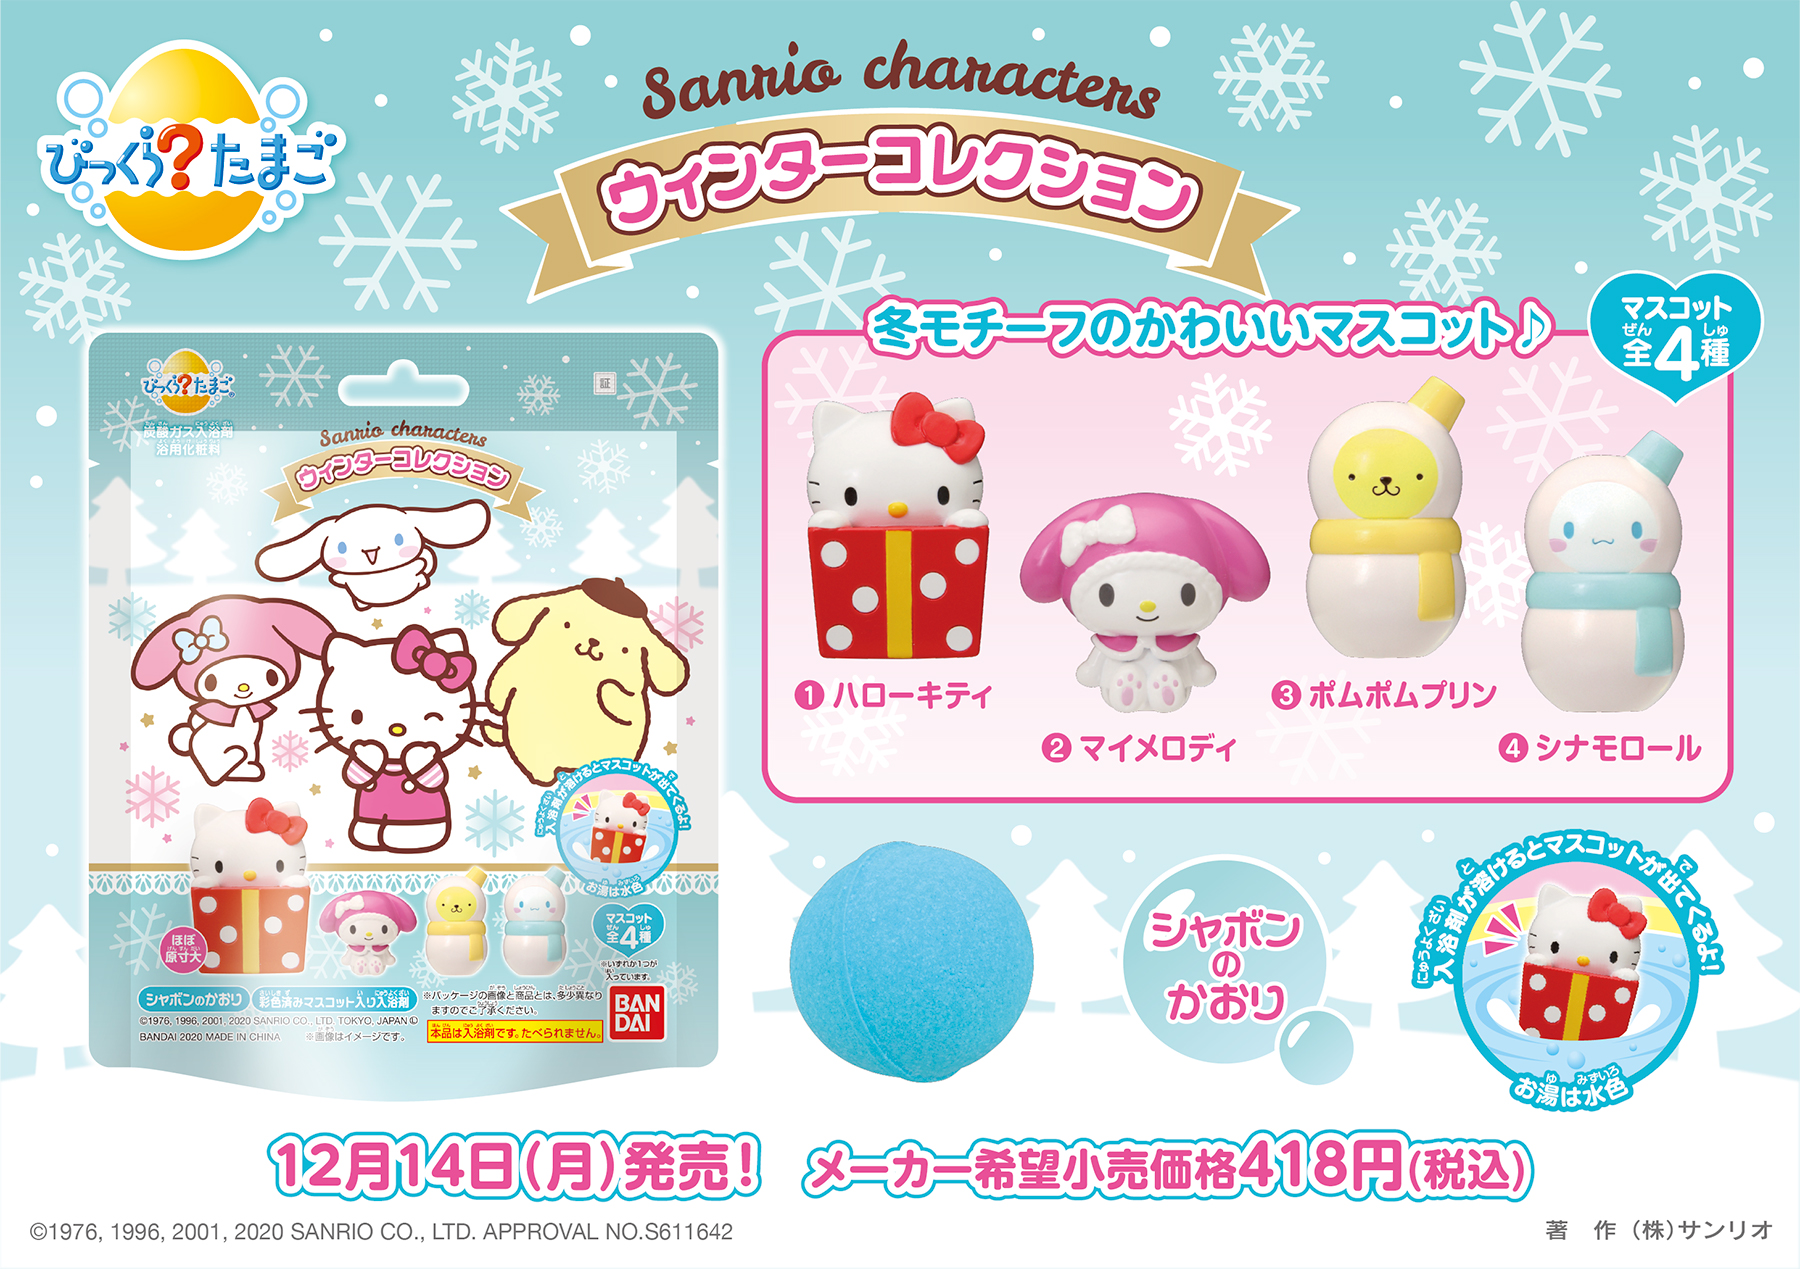 サンリオキャラクターズ ウィンターコレクション:入浴剤